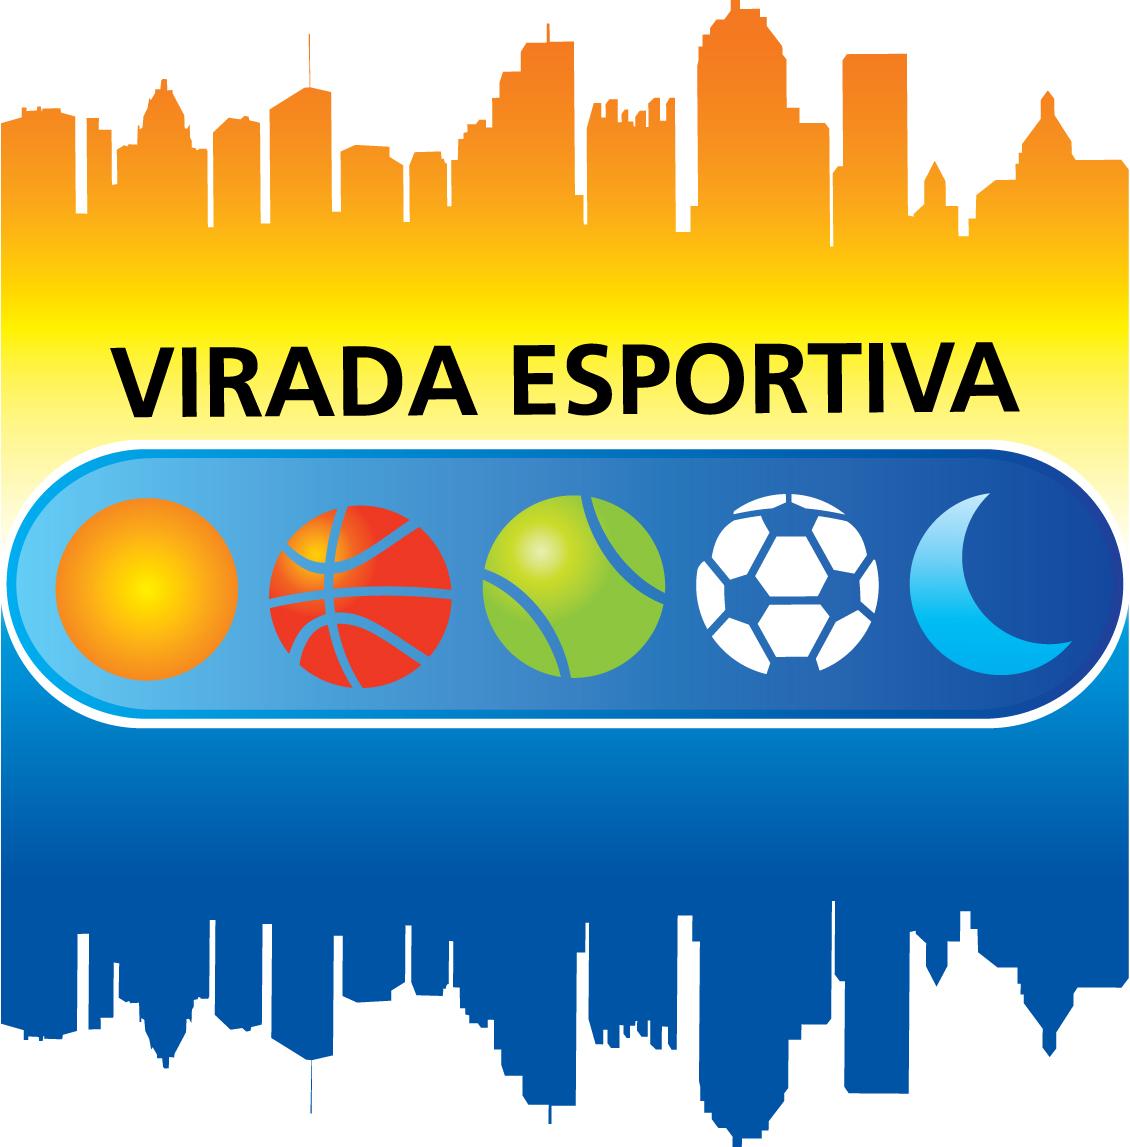 Projeto Virada Esportiva pela Prefeitura de São Paulo – Programação